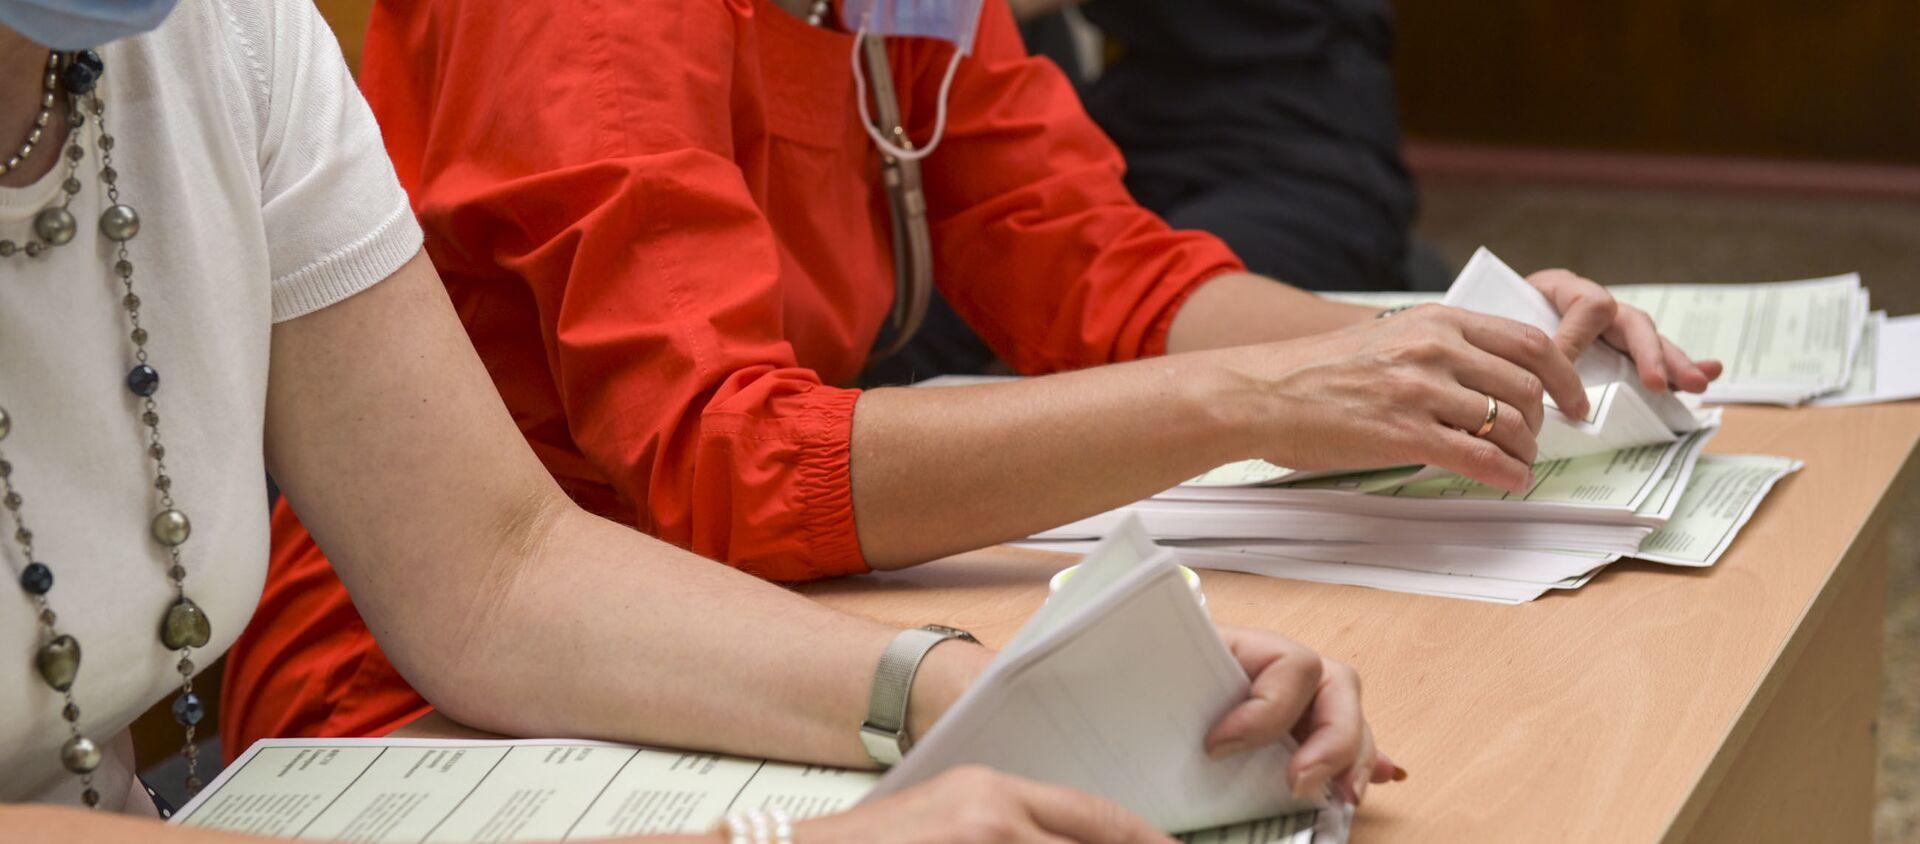 Все избирательные участки по выборам в Государственную Думу России начали подсчет голосов  - Sputnik Абхазия, 1920, 19.09.2021